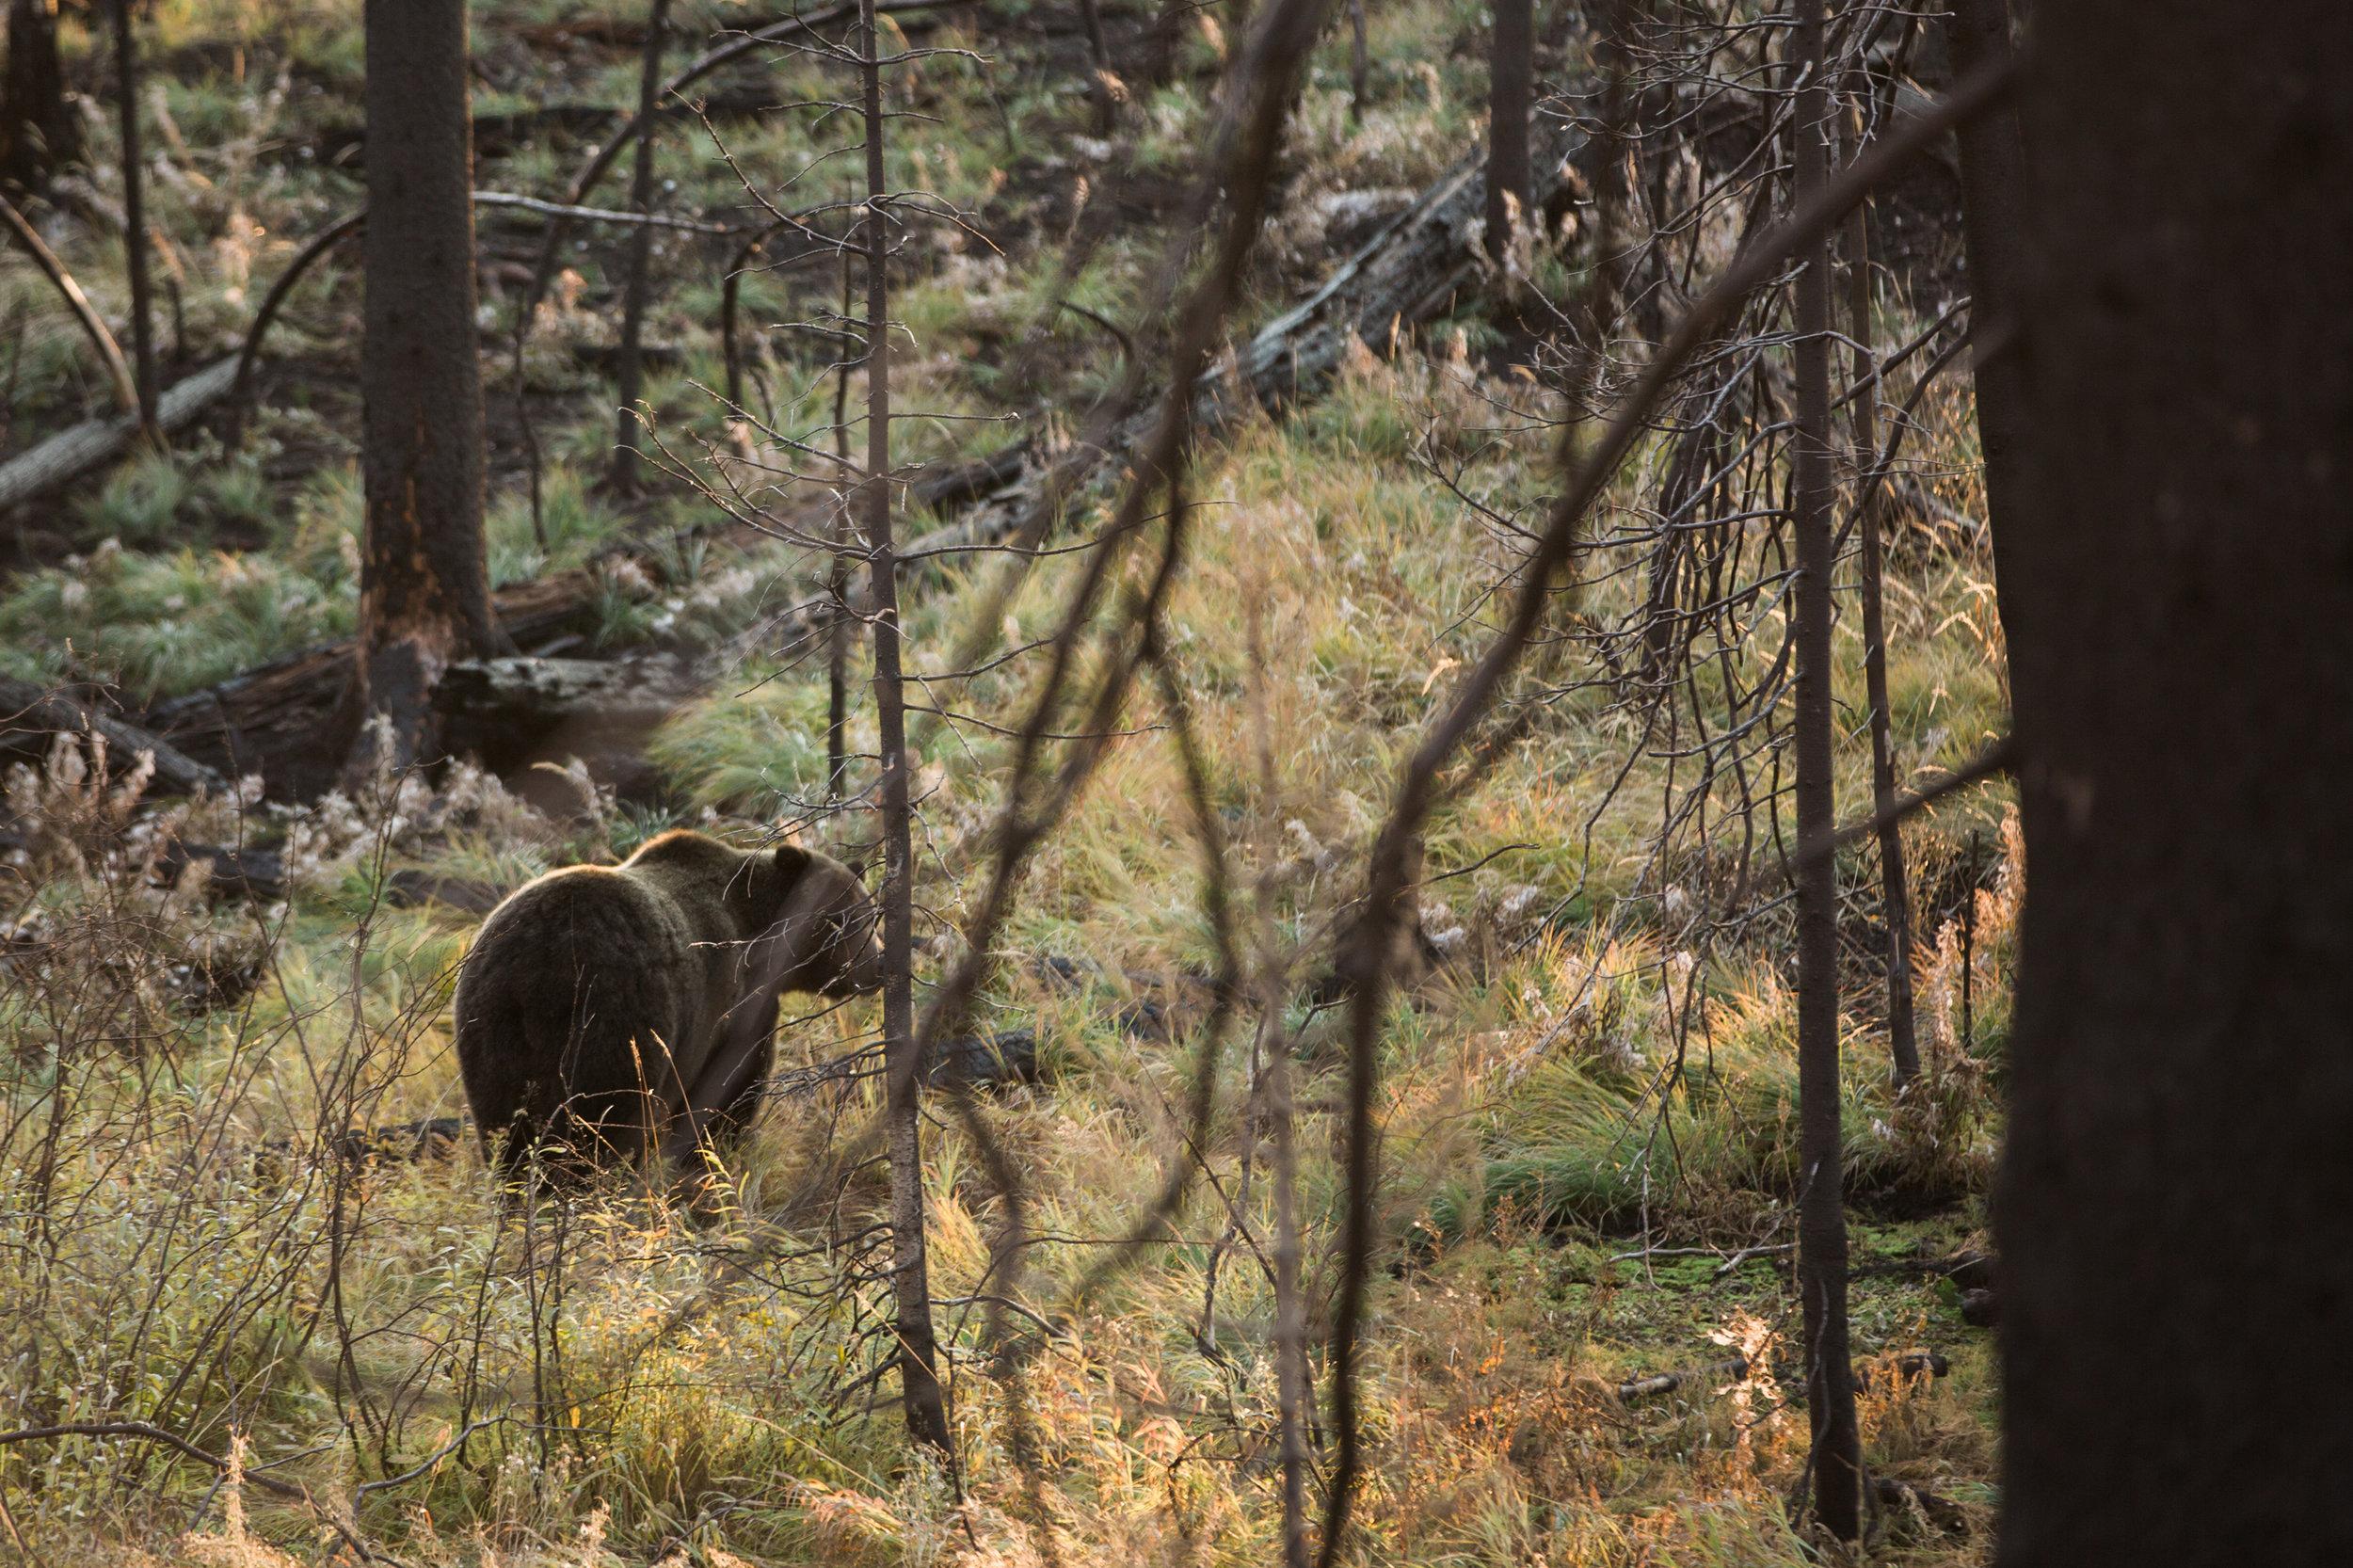 CindyGiovagnoli_Grand_Teton_National_Park_mountains_Bison_Autumn_Wyoming_Mormon_Row_aspens_fall_outdoor_photographer-043.jpg